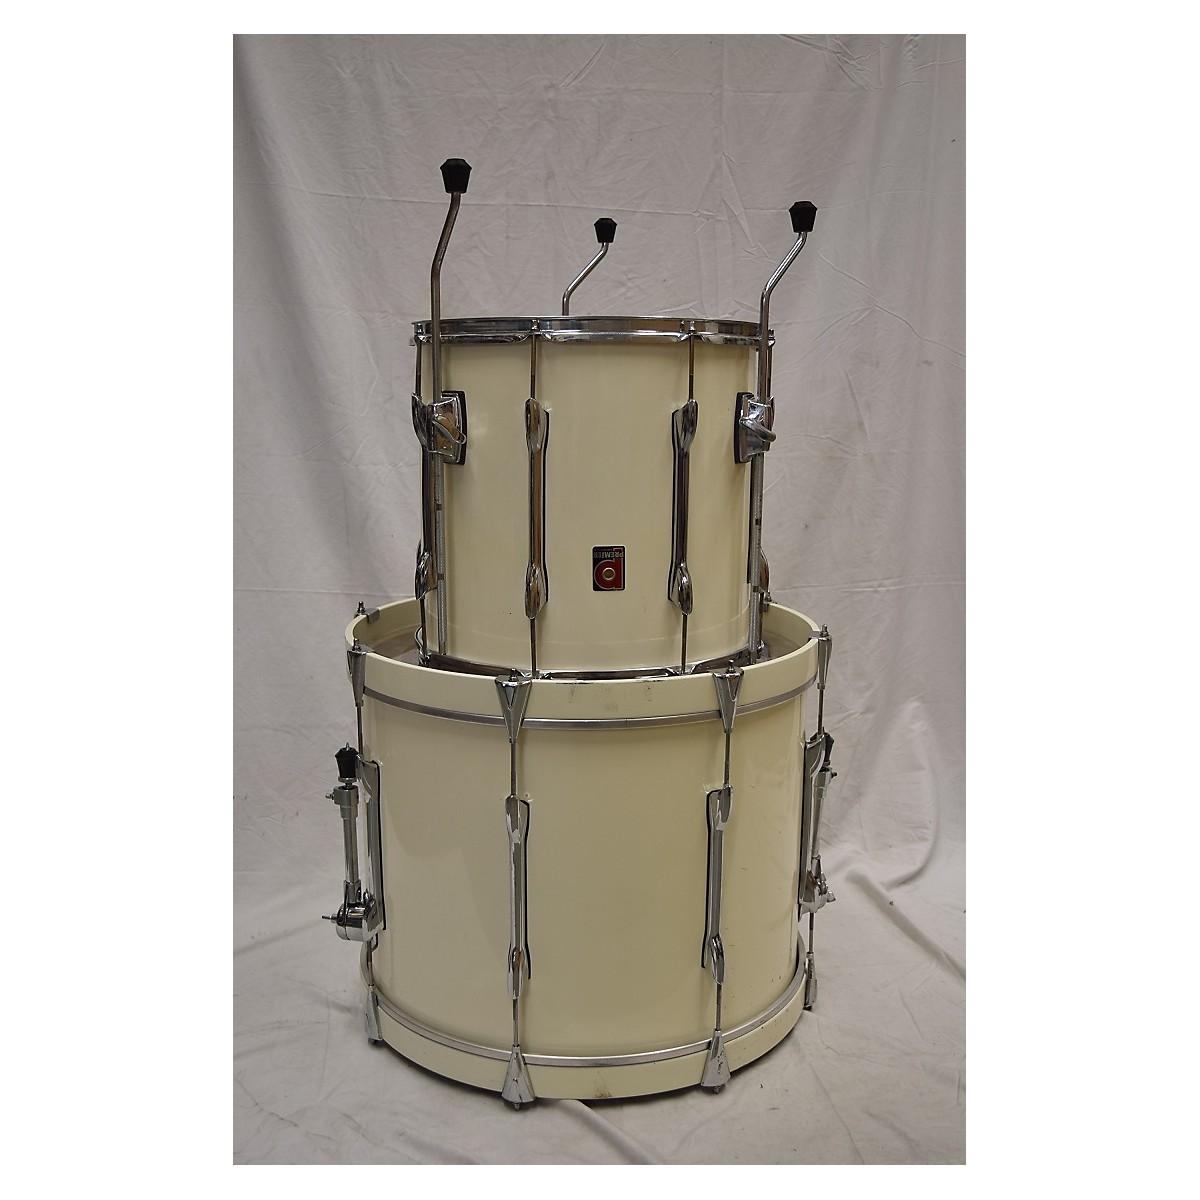 Premiere 1980s Apk Drum Kit